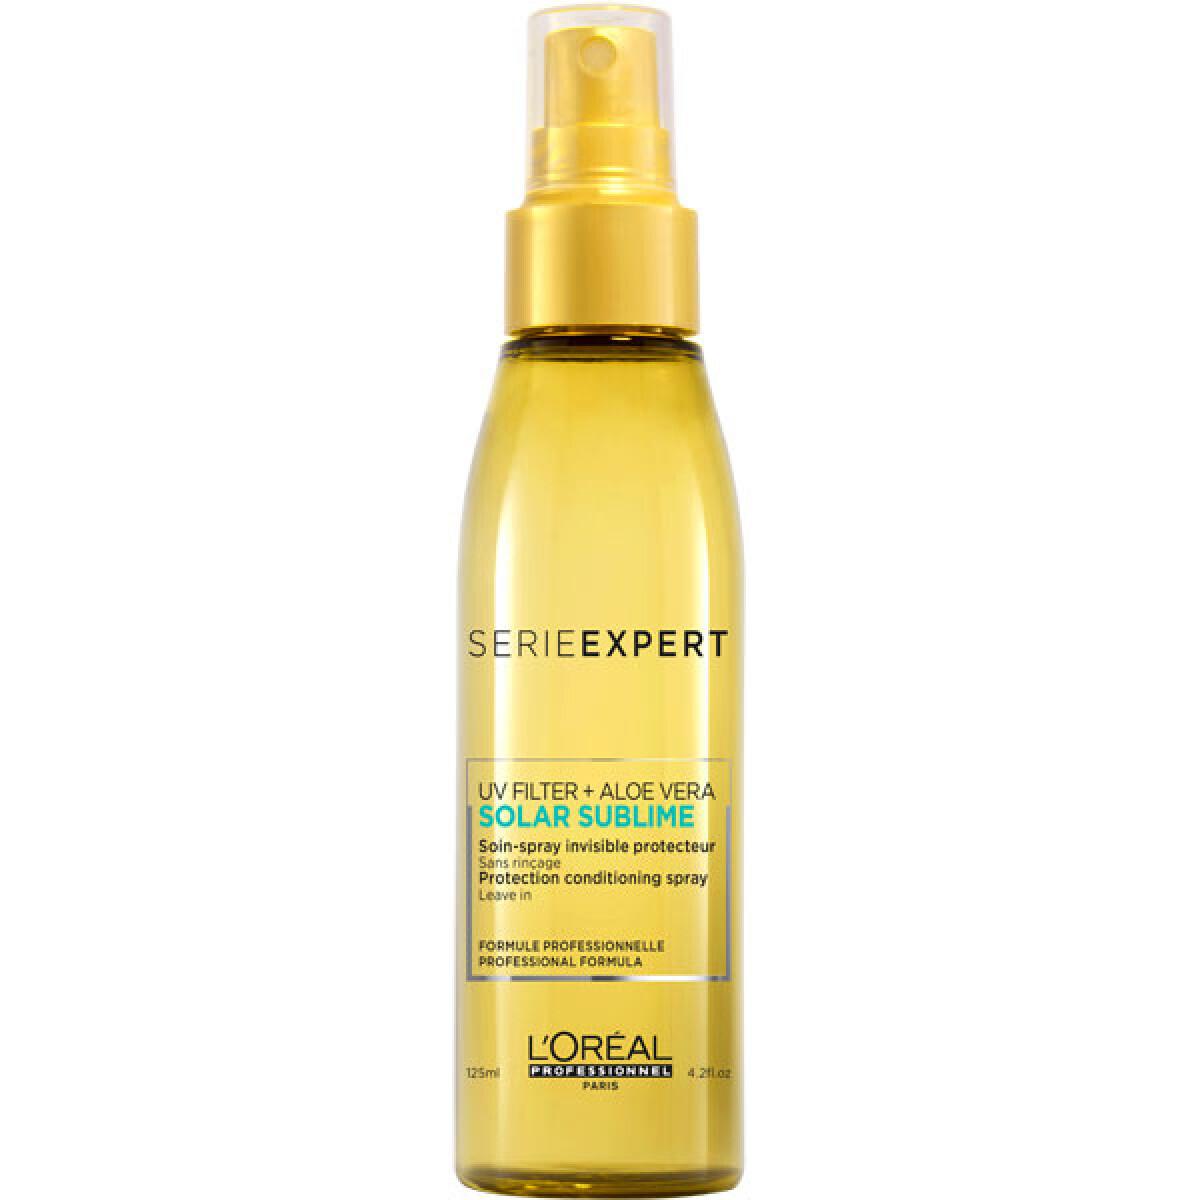 Soin spray invisible protecteur sans rinçage - 125ml - Solar Sublime - Secs et déshydratés L'Oréal Professionnel